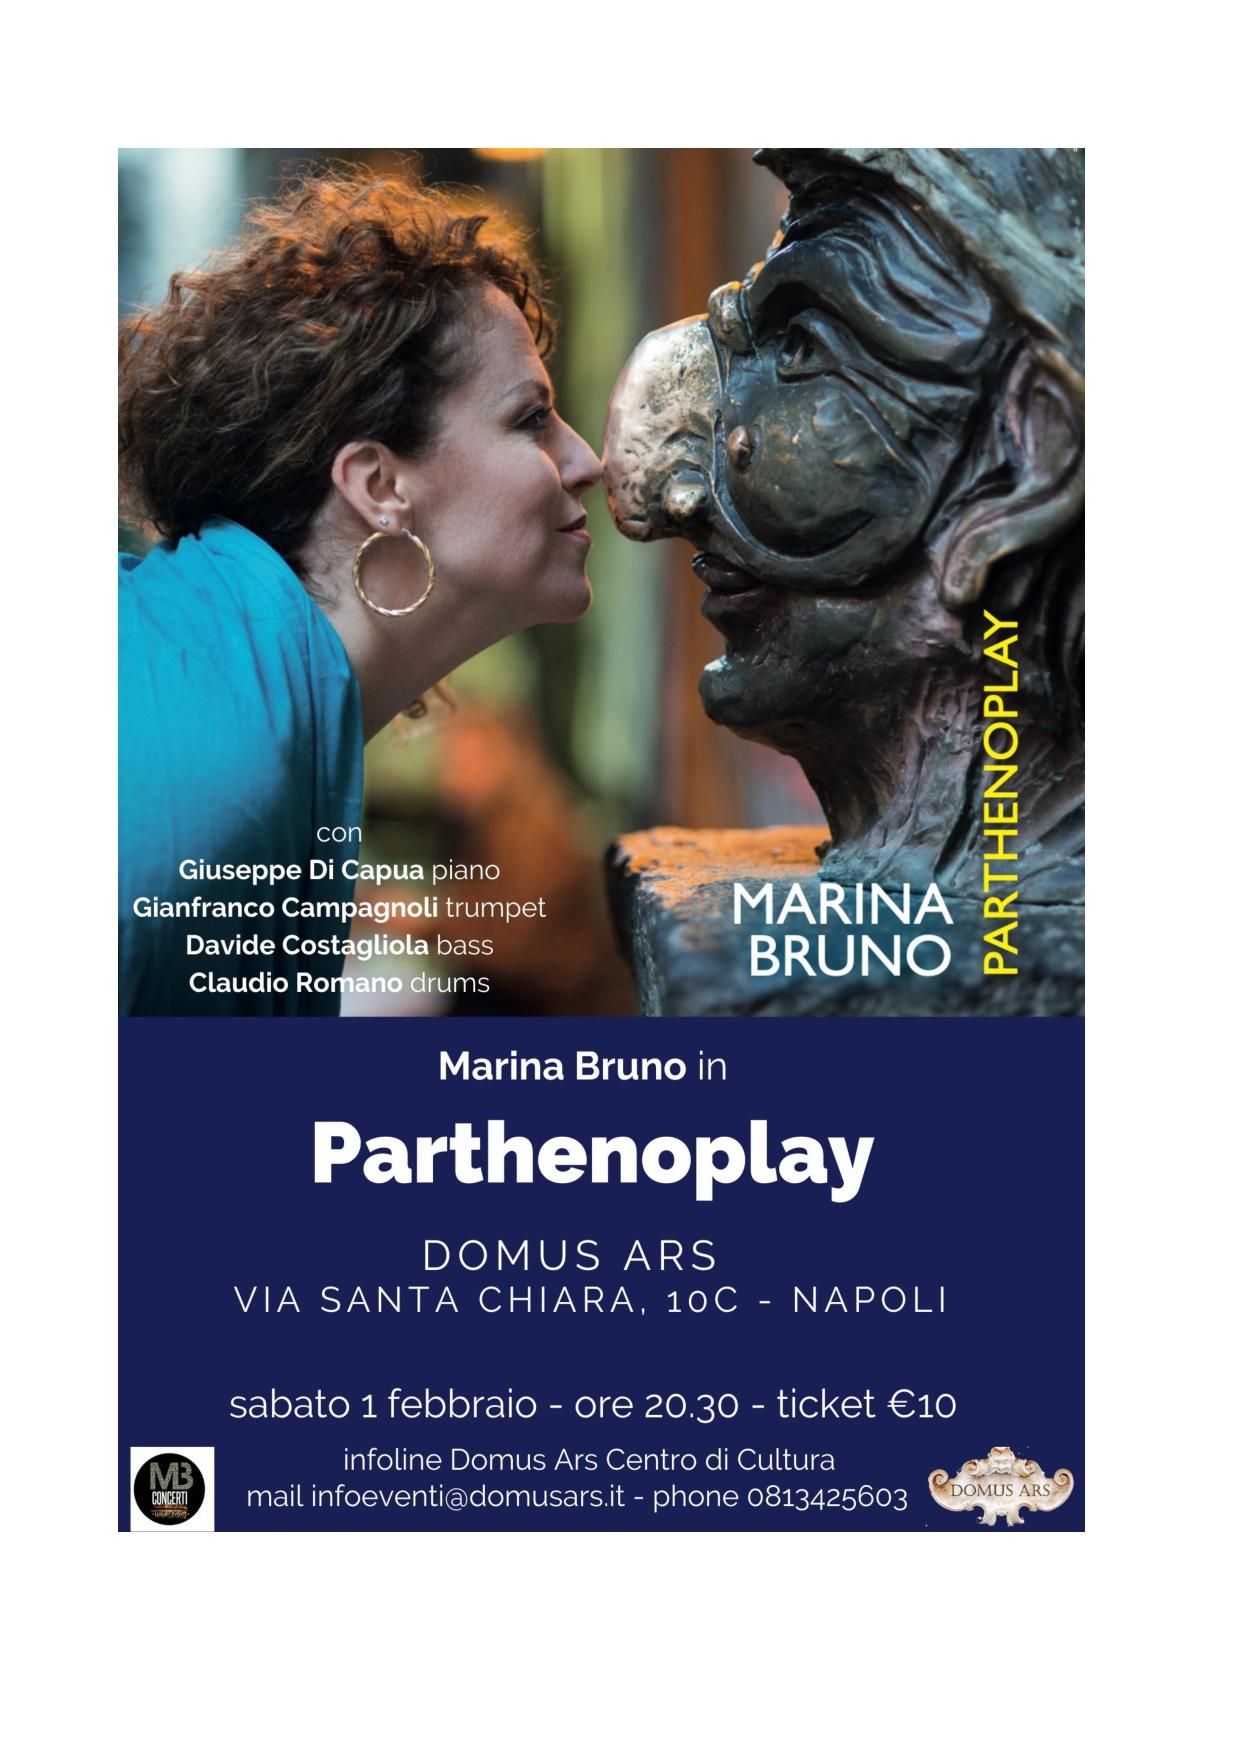 Marina Bruno presenta il suo quarto lavoro discografico presso la Domus Ars. Parthenope vede la collaborazione di numerosi musicisti.